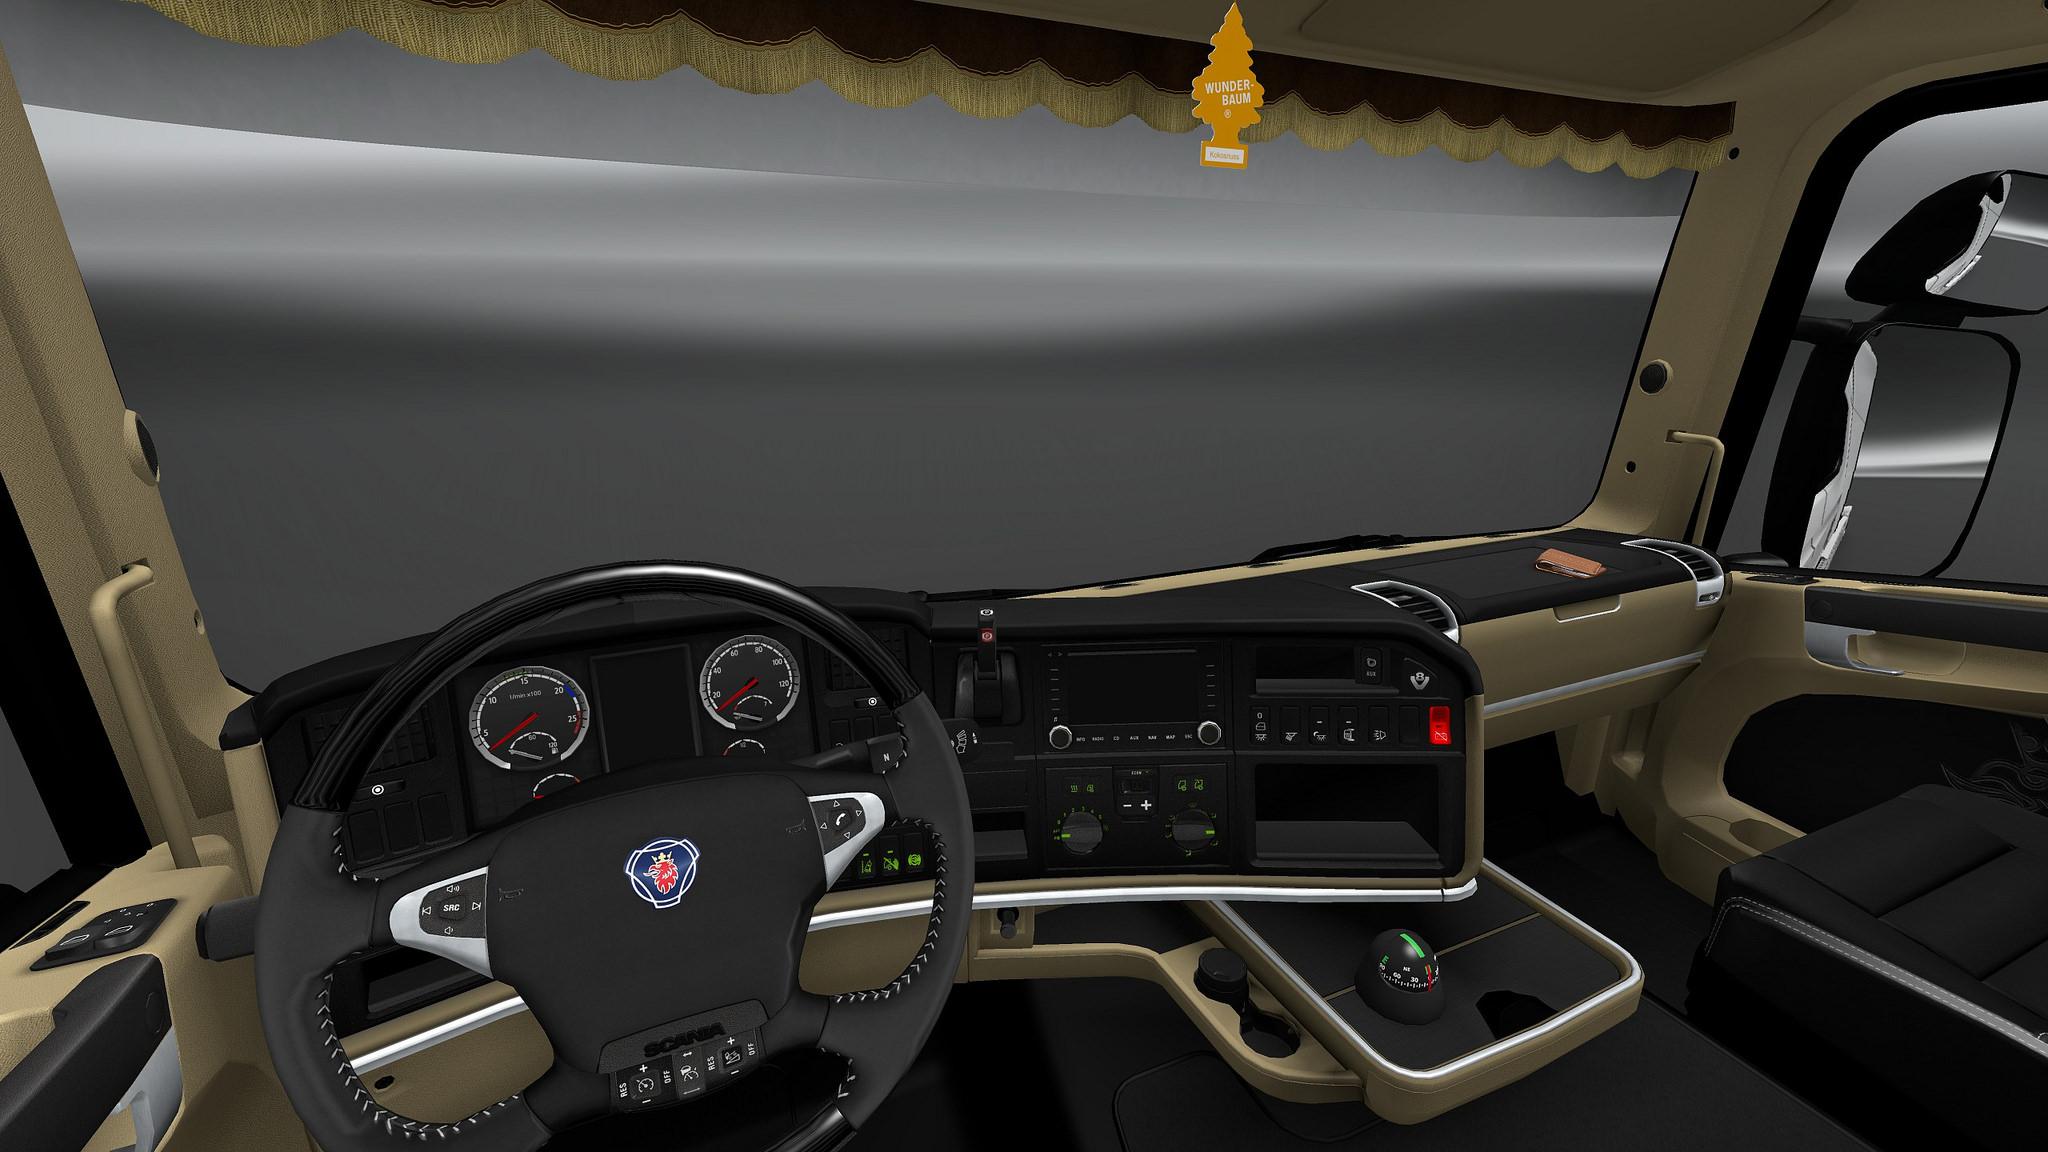 Scania Interiors